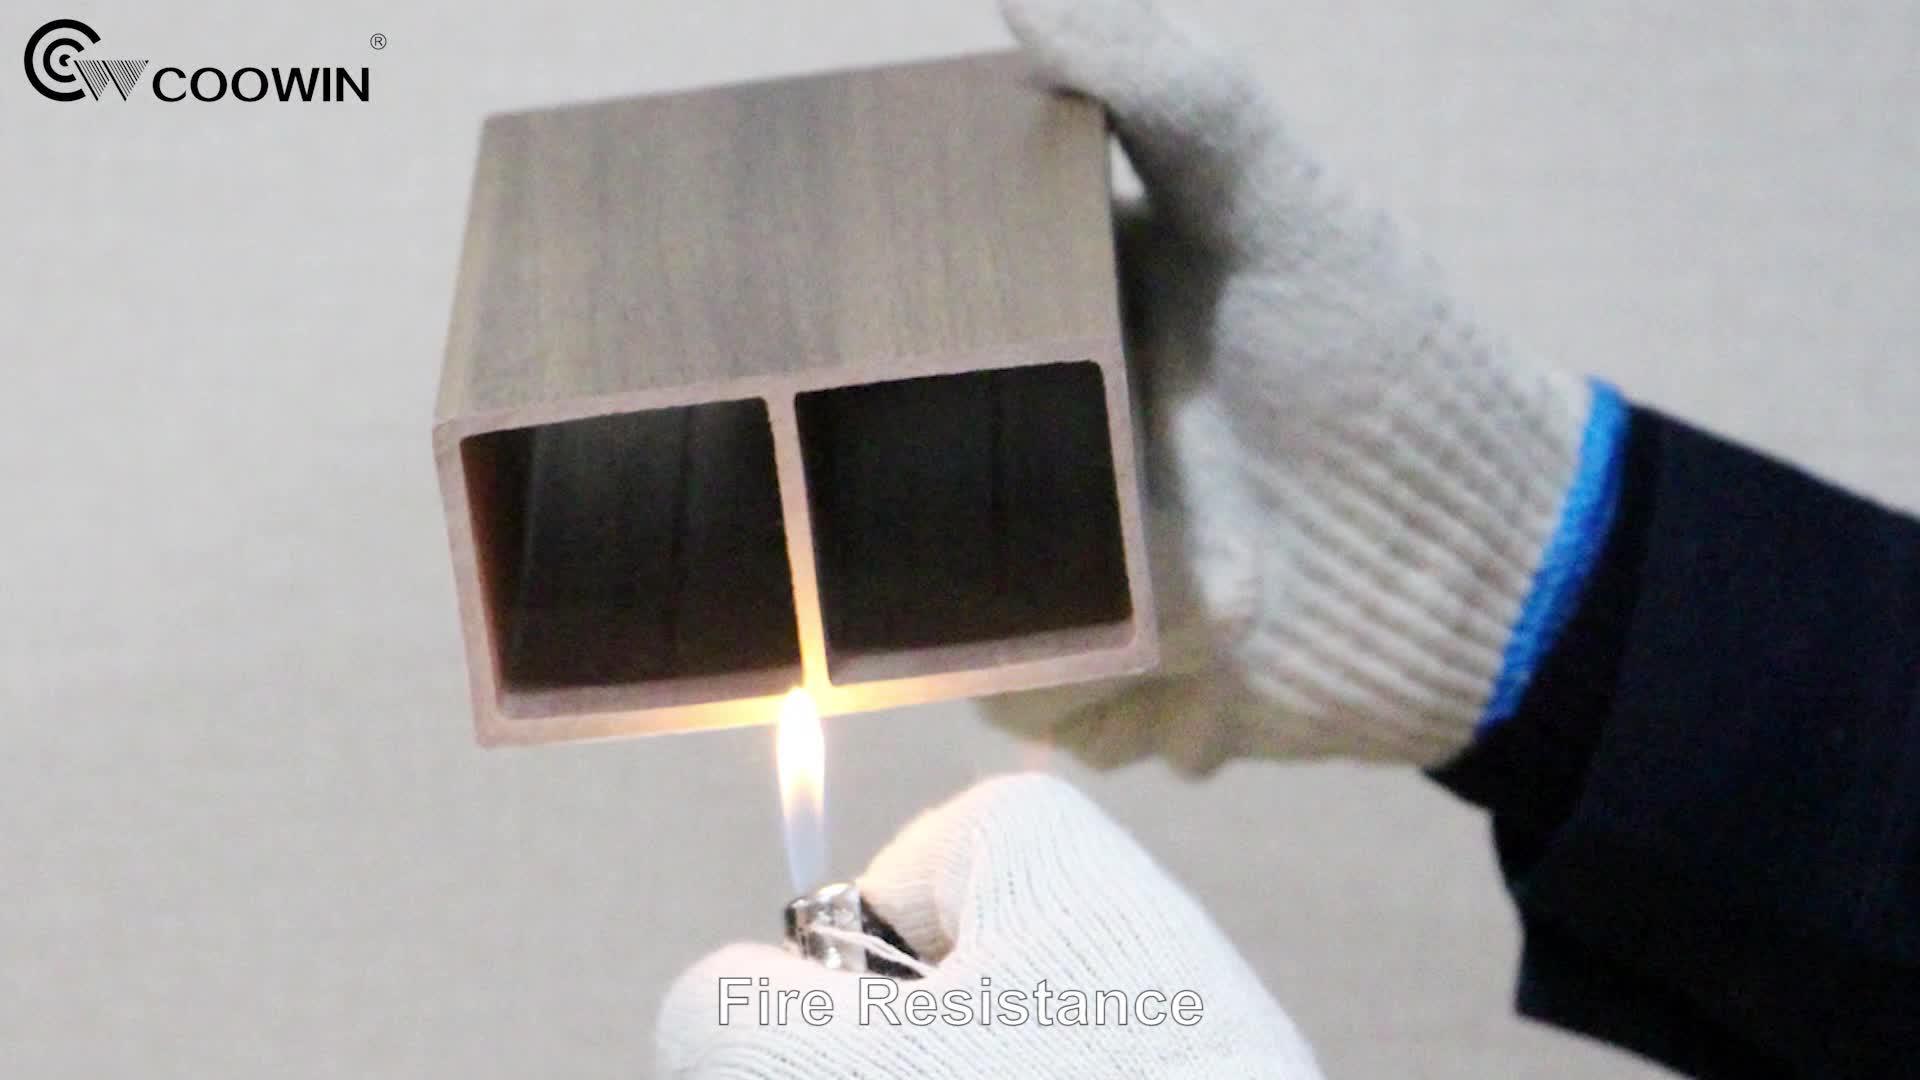 تصدير Coowin 100 نوع من سطح اللون للاختيار من بين أنبوب خشبي داخلي Pvc